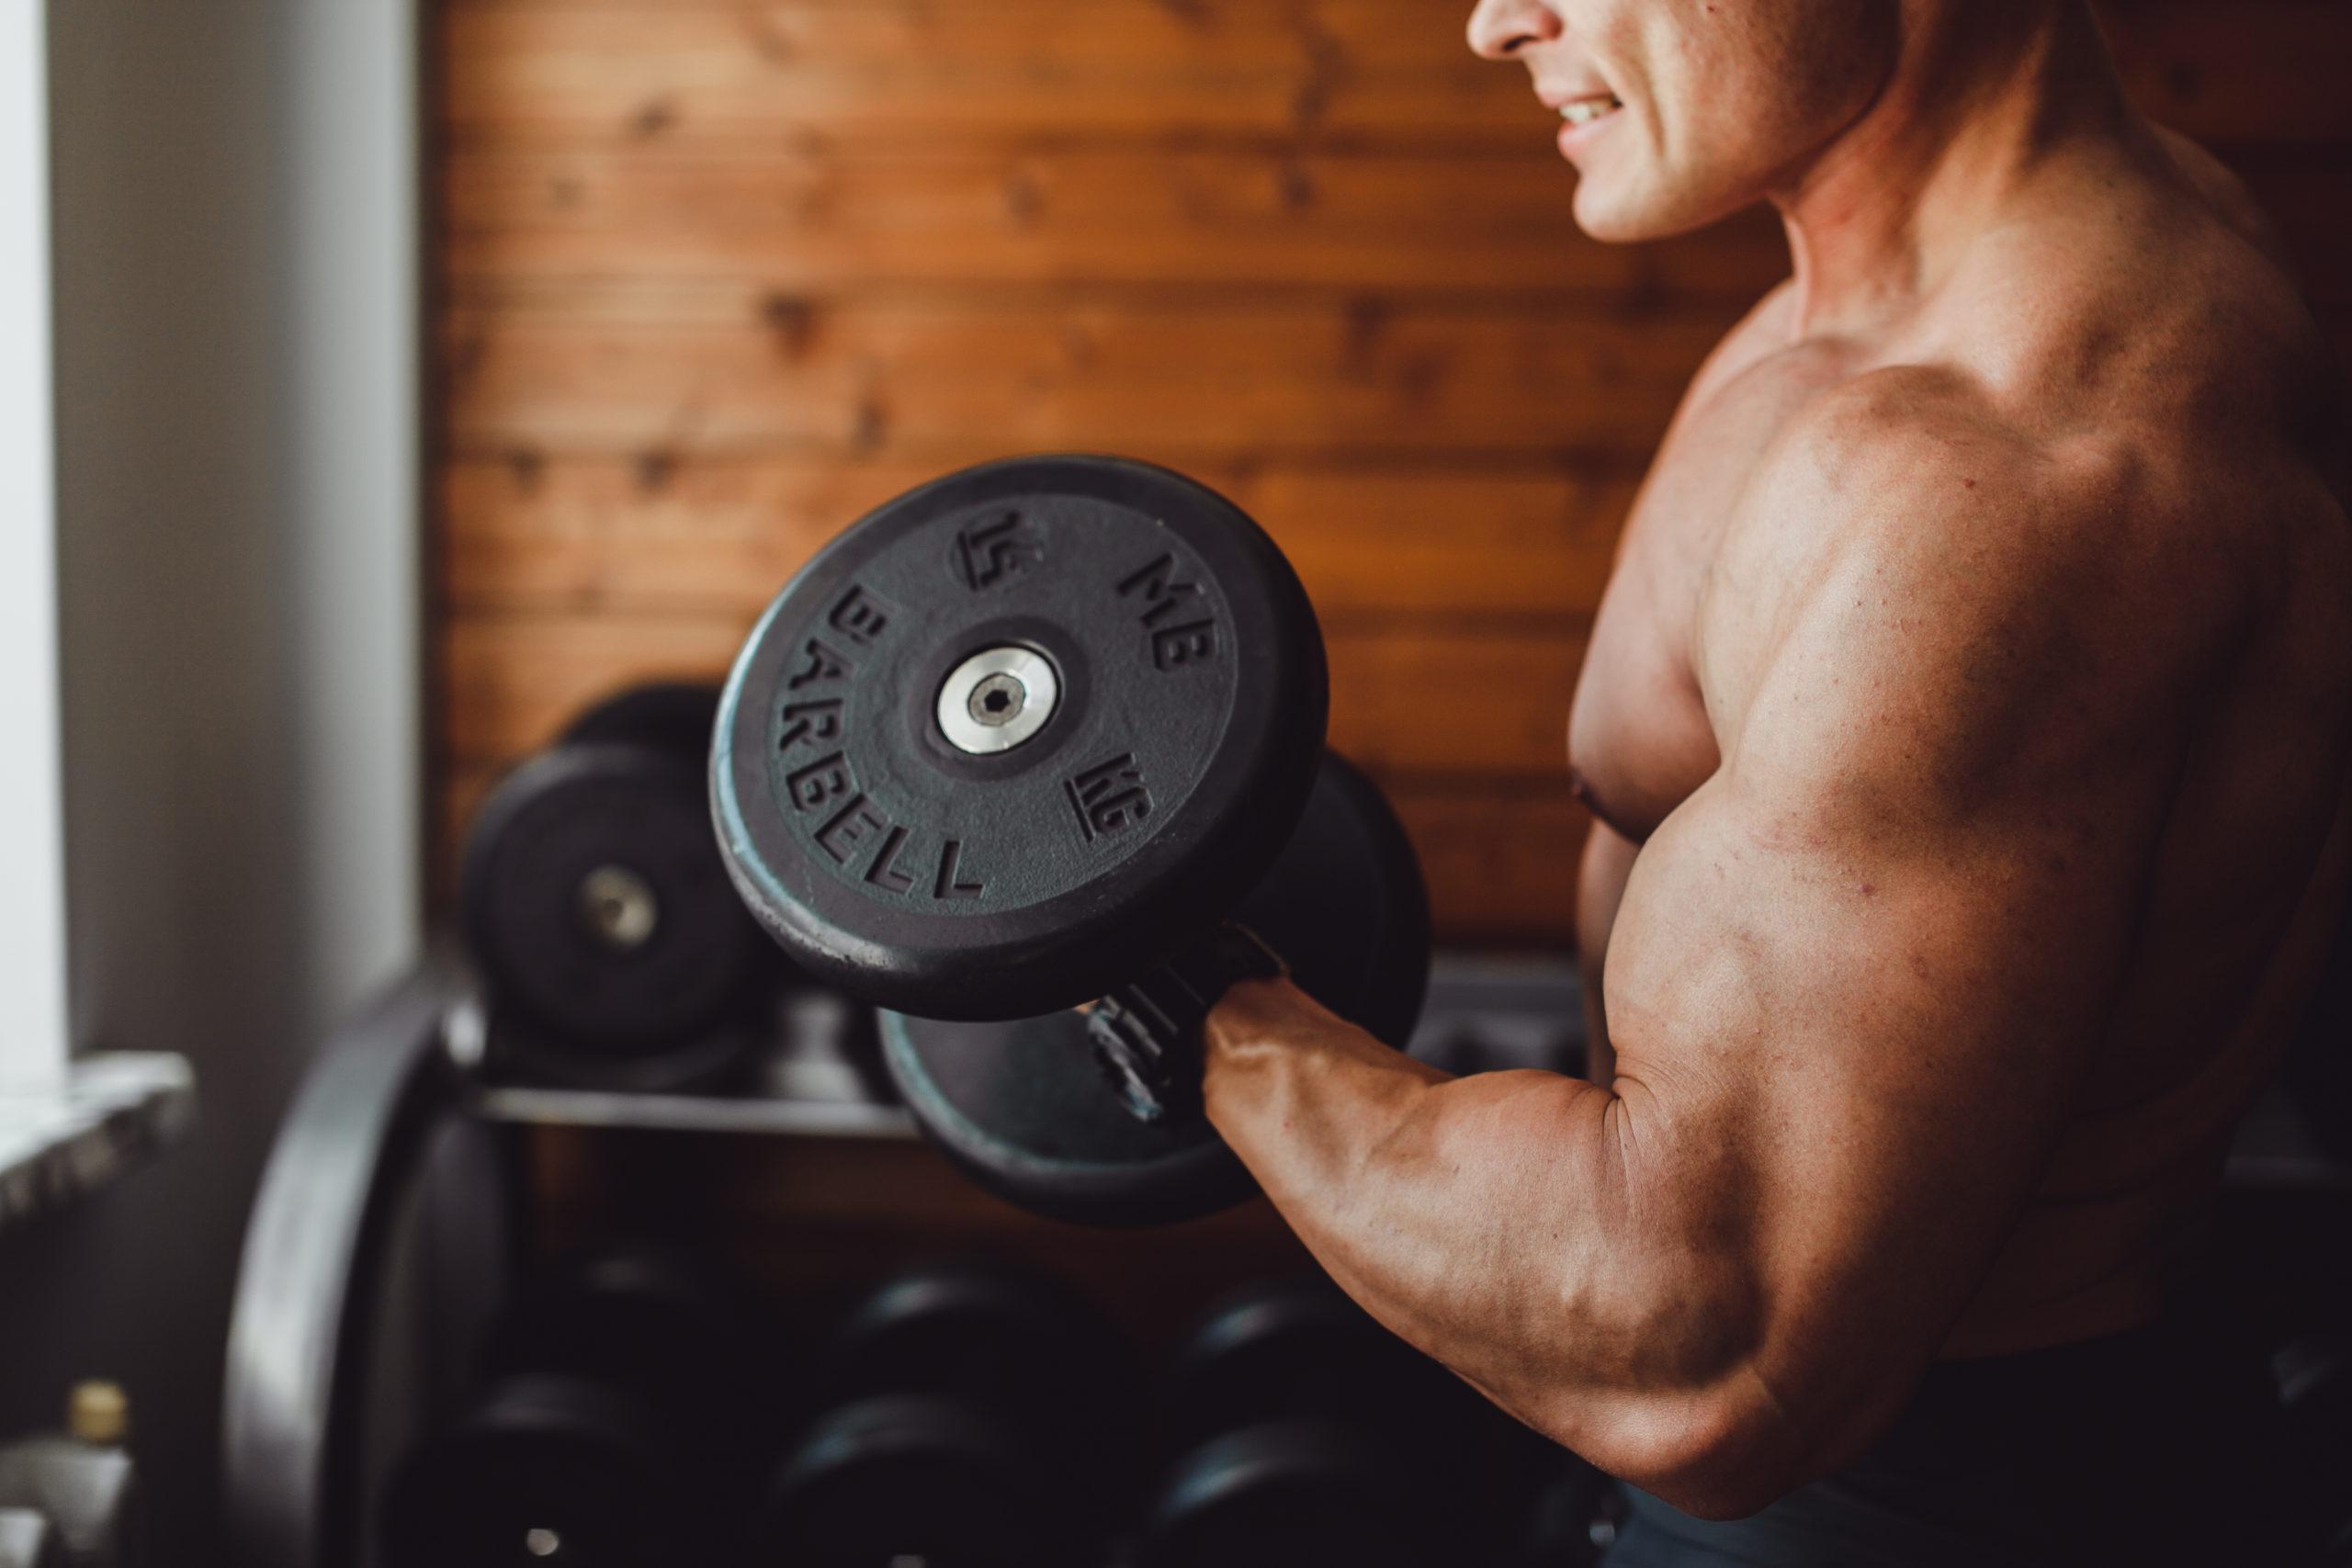 Biceps workout: dumbell oefeningen voor de biceps